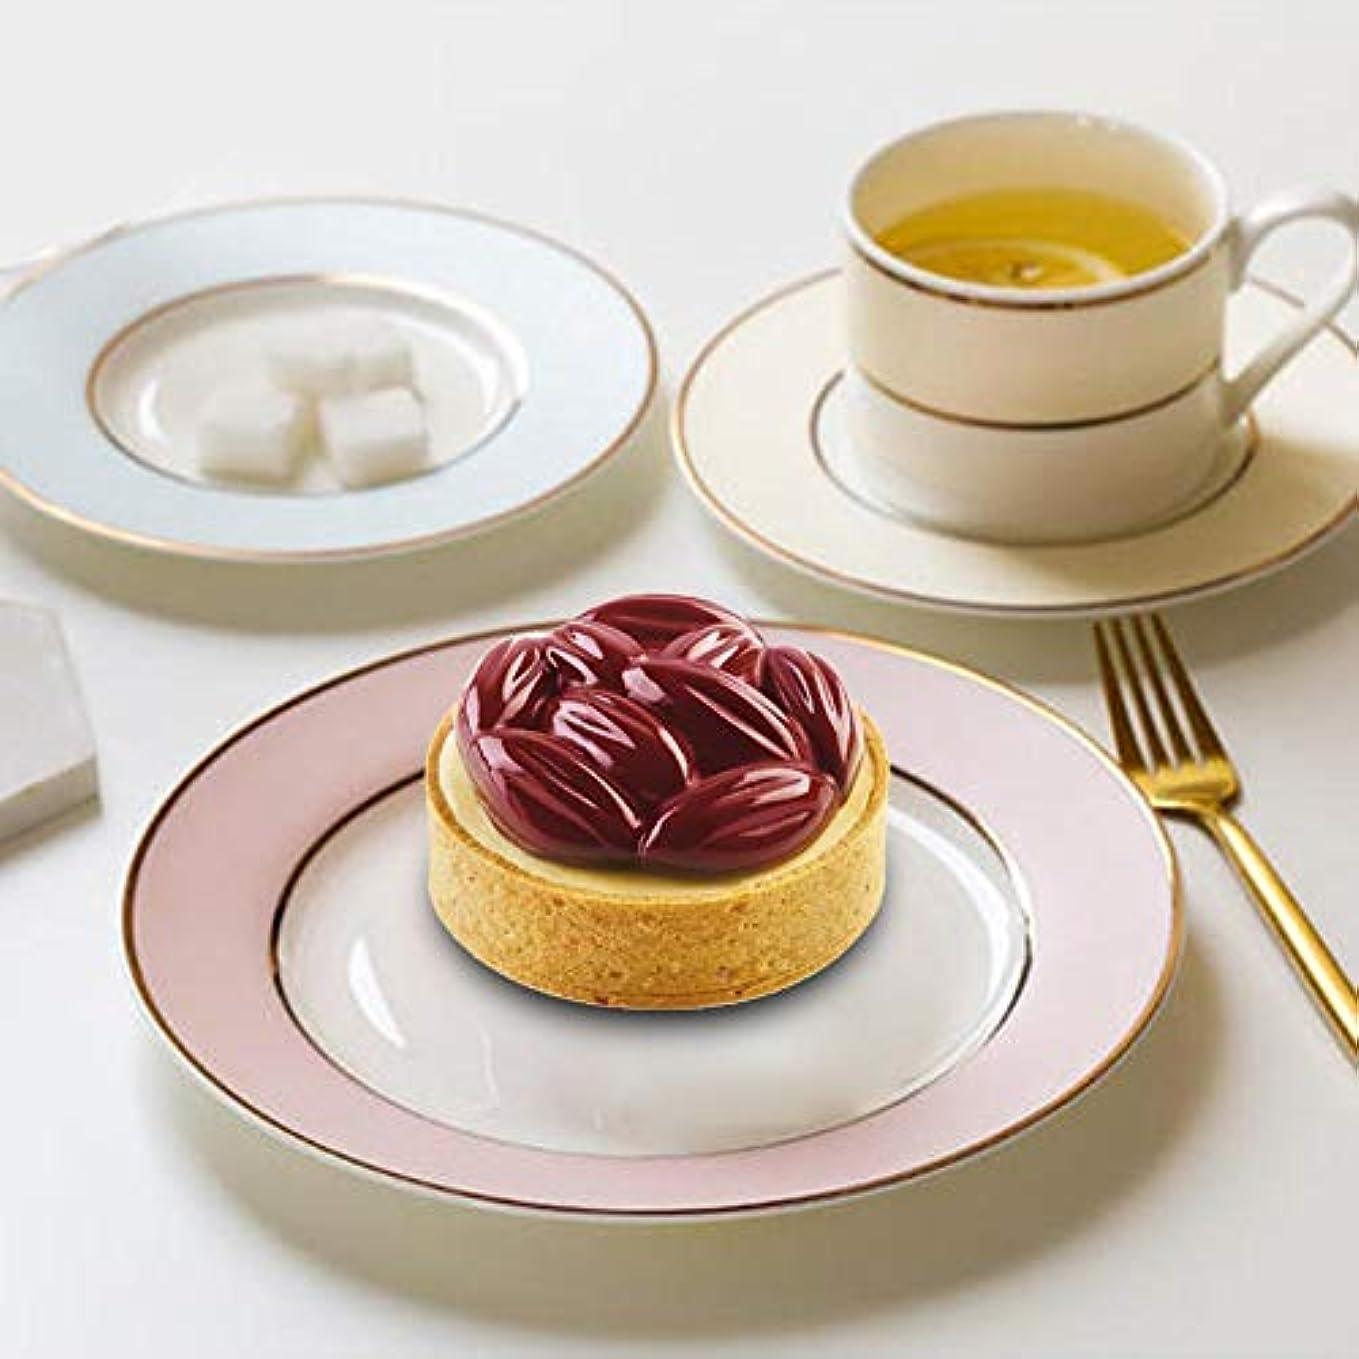 凍結洞察力噴出するシリコンケーキ型タルトリングチョコレートマフィン   デザートデコレータベーキングデコレーションツール